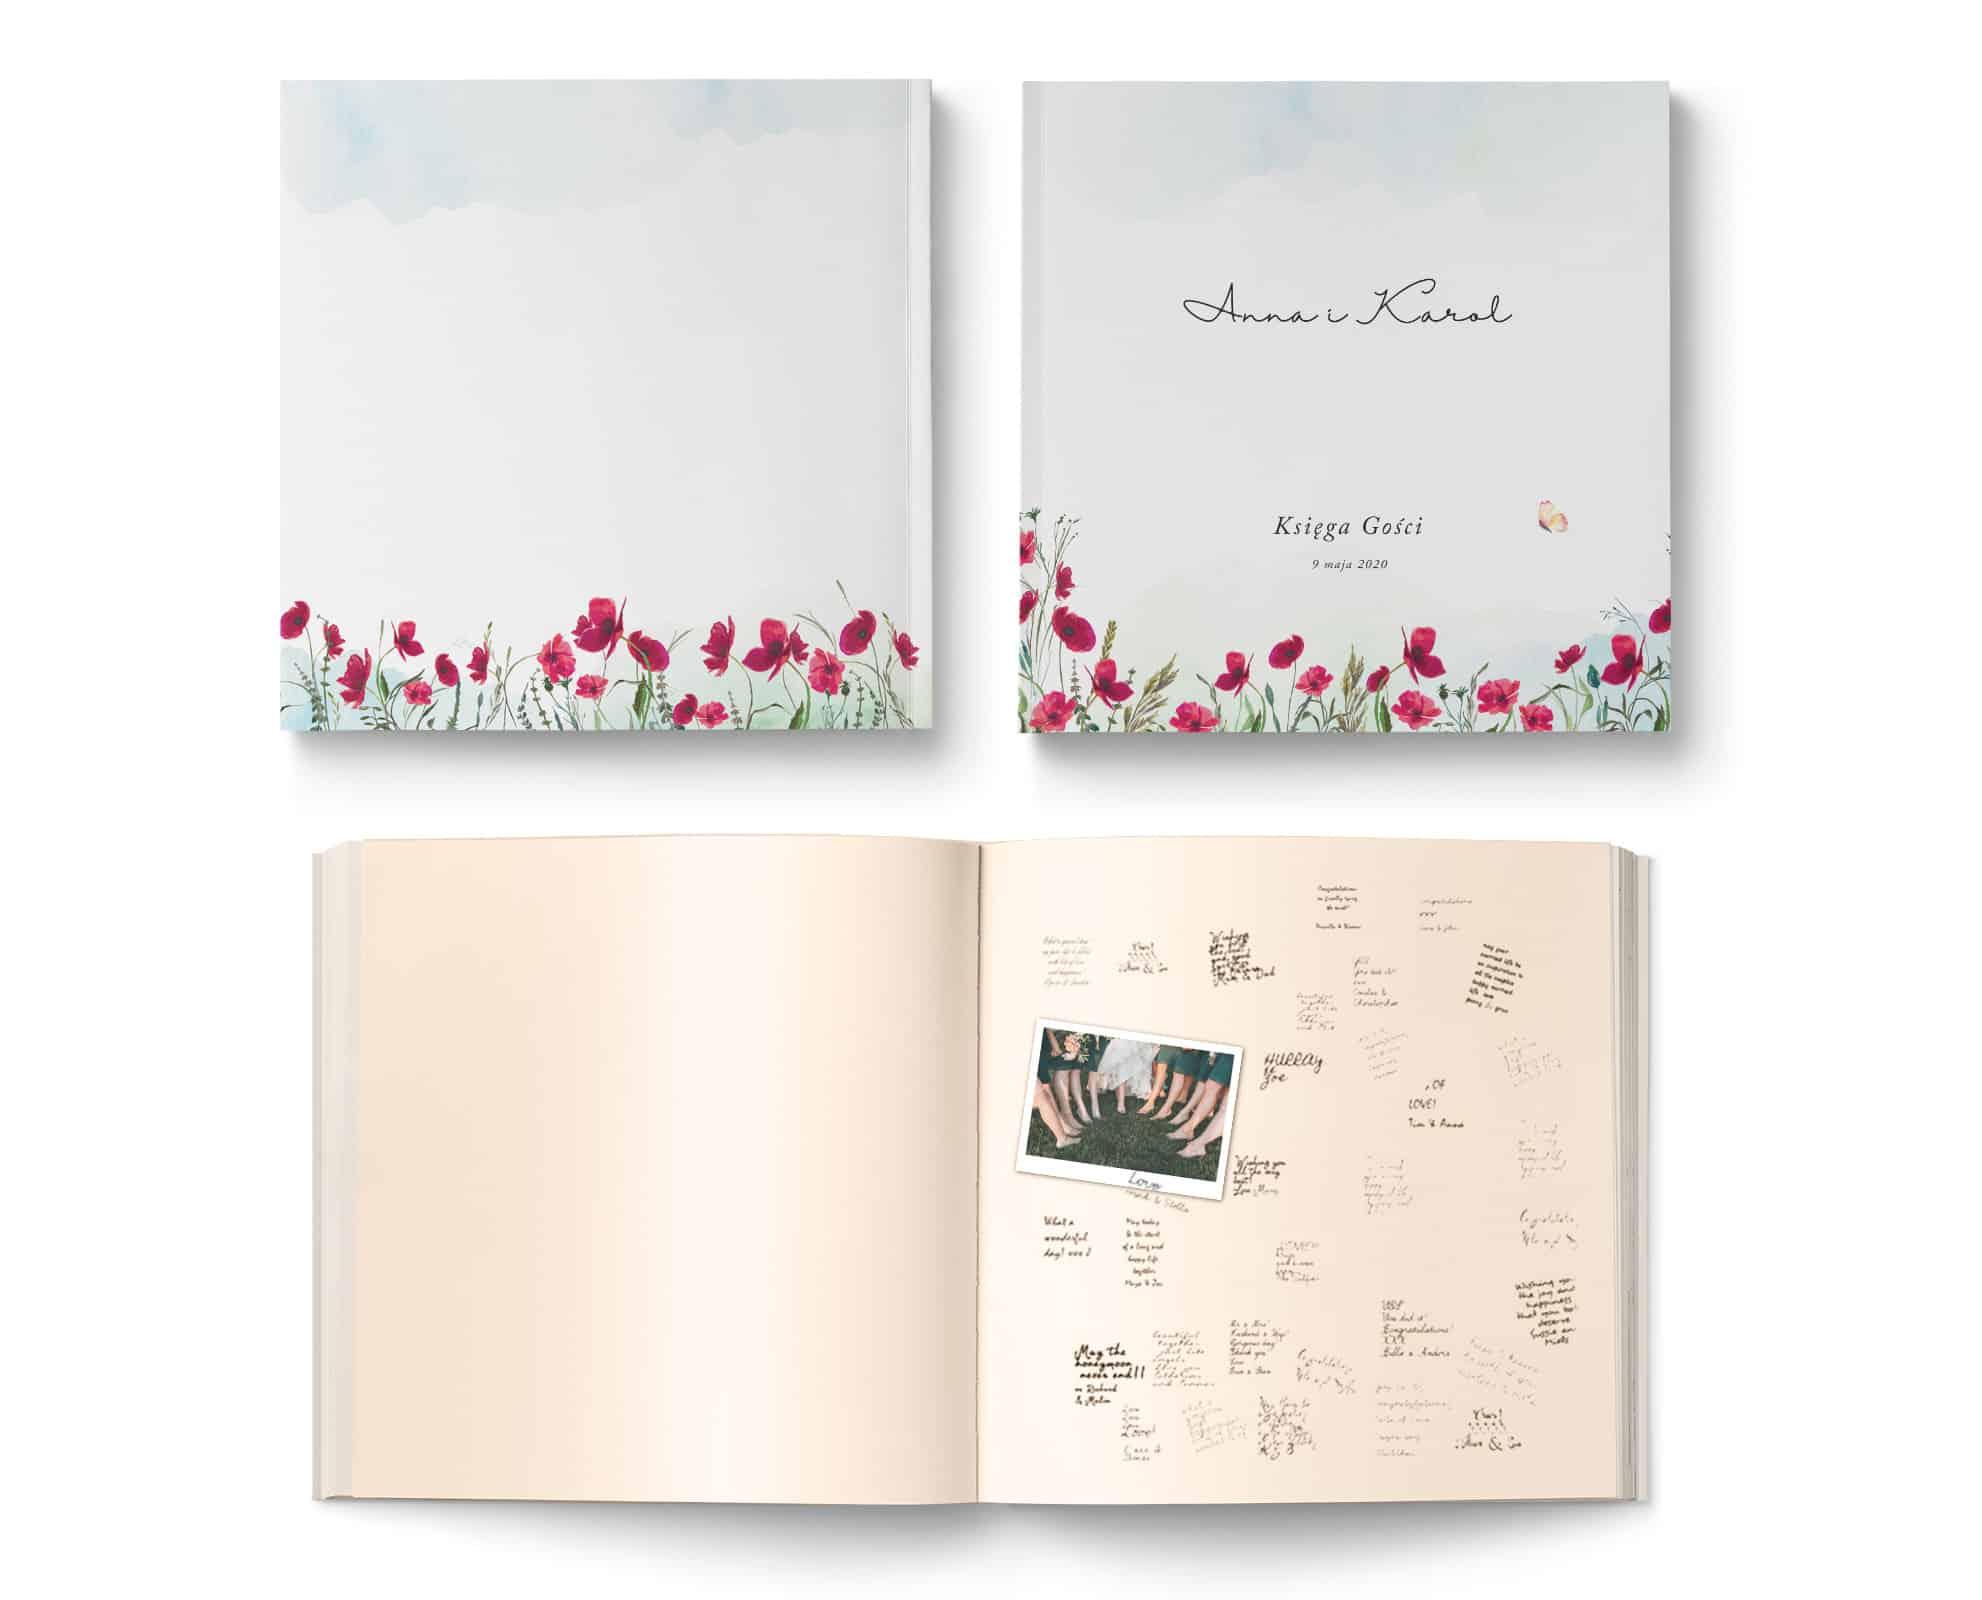 Księga gości na wesele do wpisów gości, kwadratowa z kwiatami maków